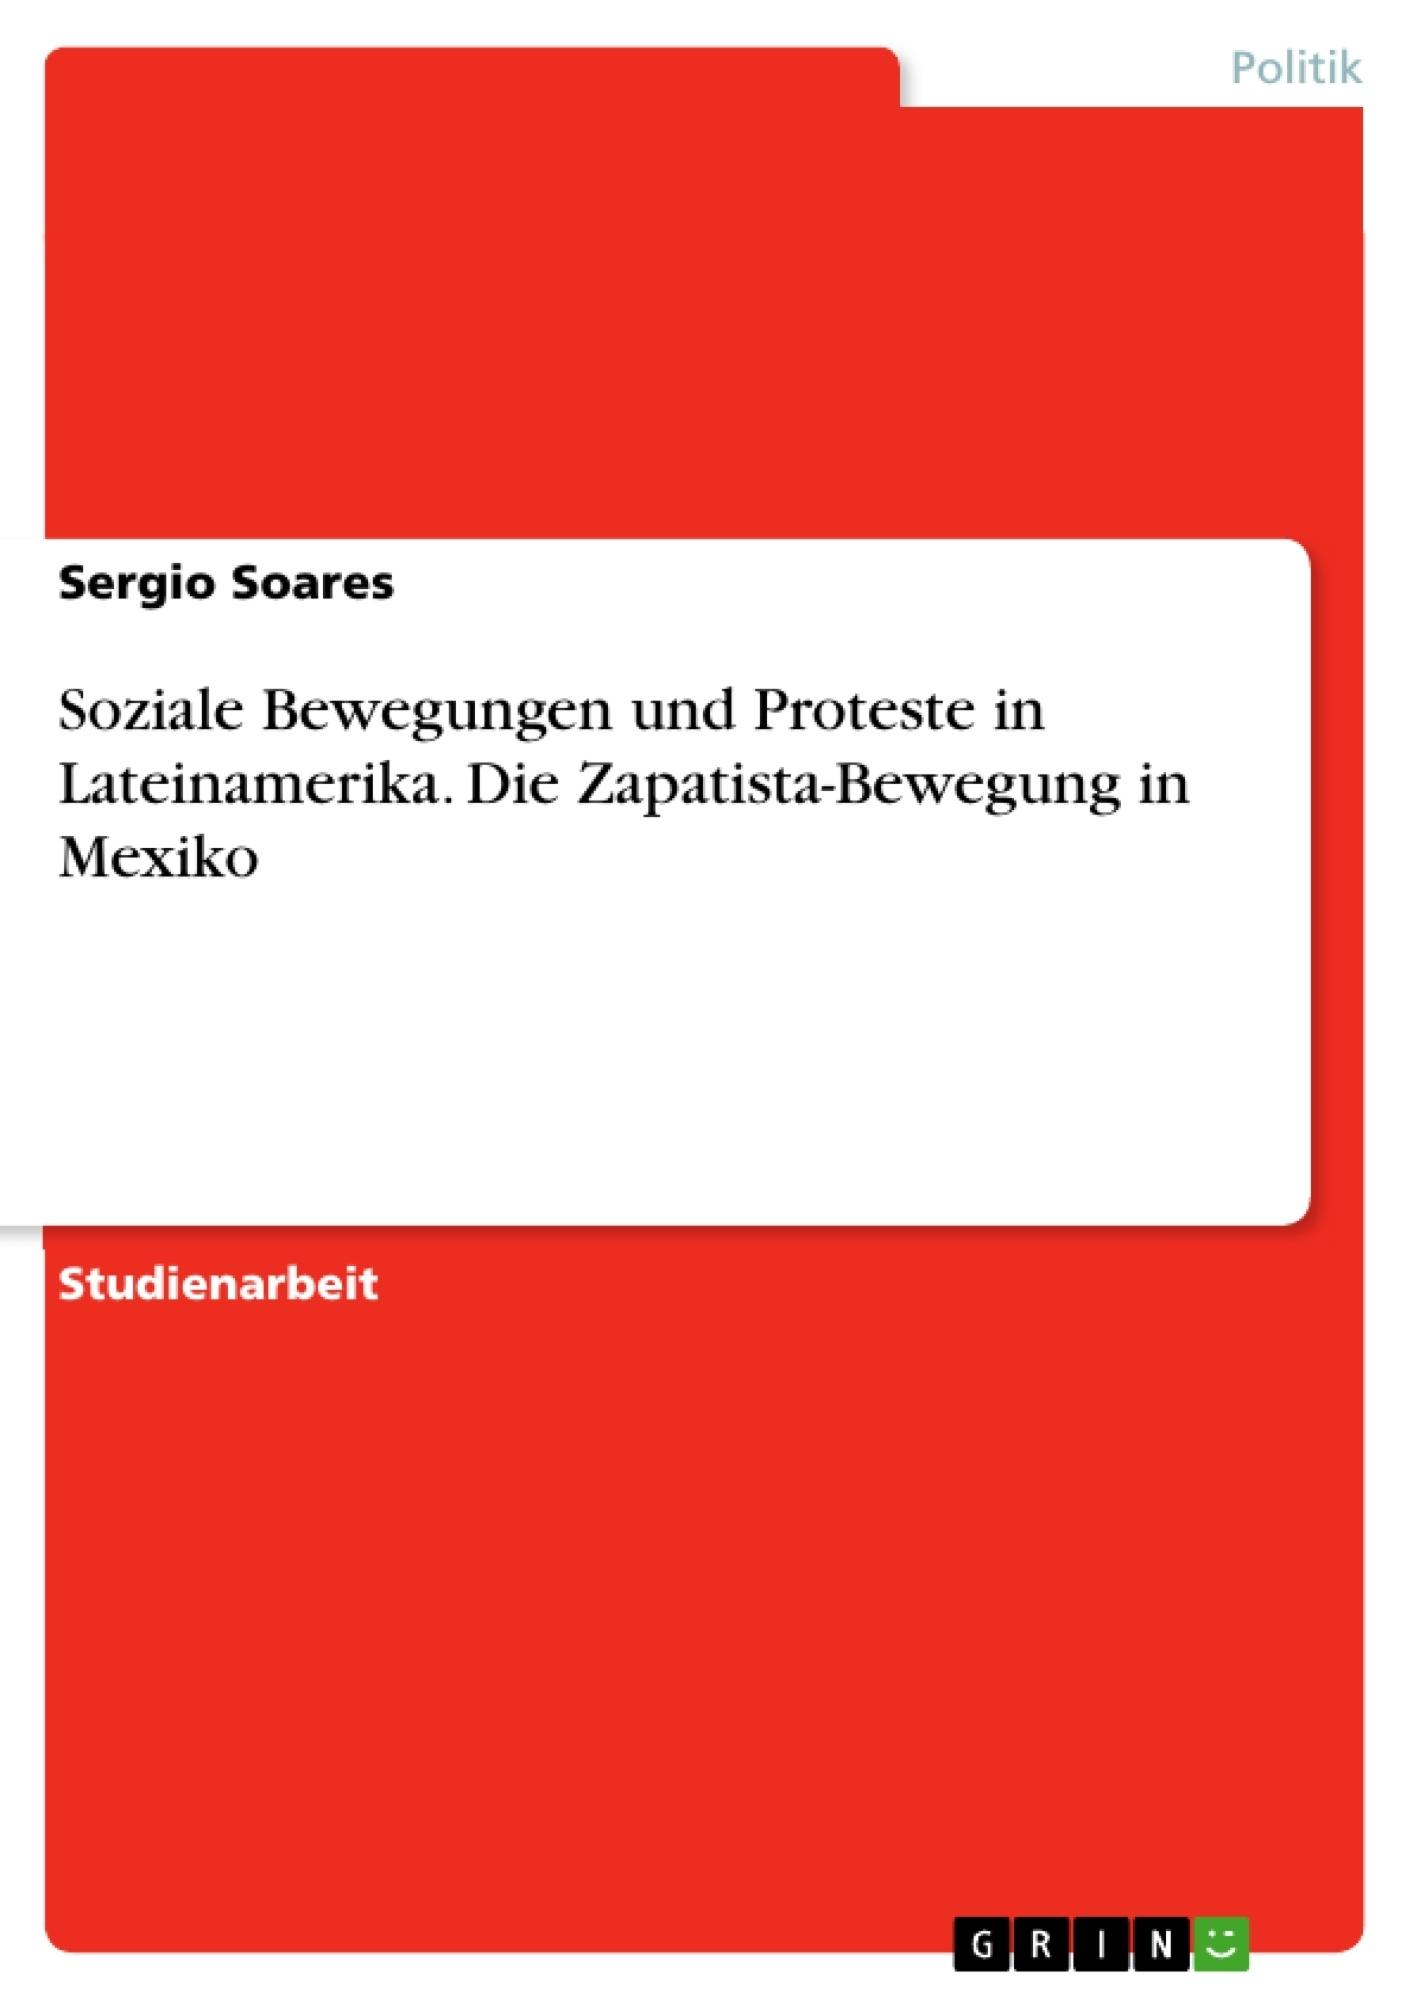 Titel: Soziale Bewegungen und Proteste in Lateinamerika. Die Zapatista-Bewegung in Mexiko